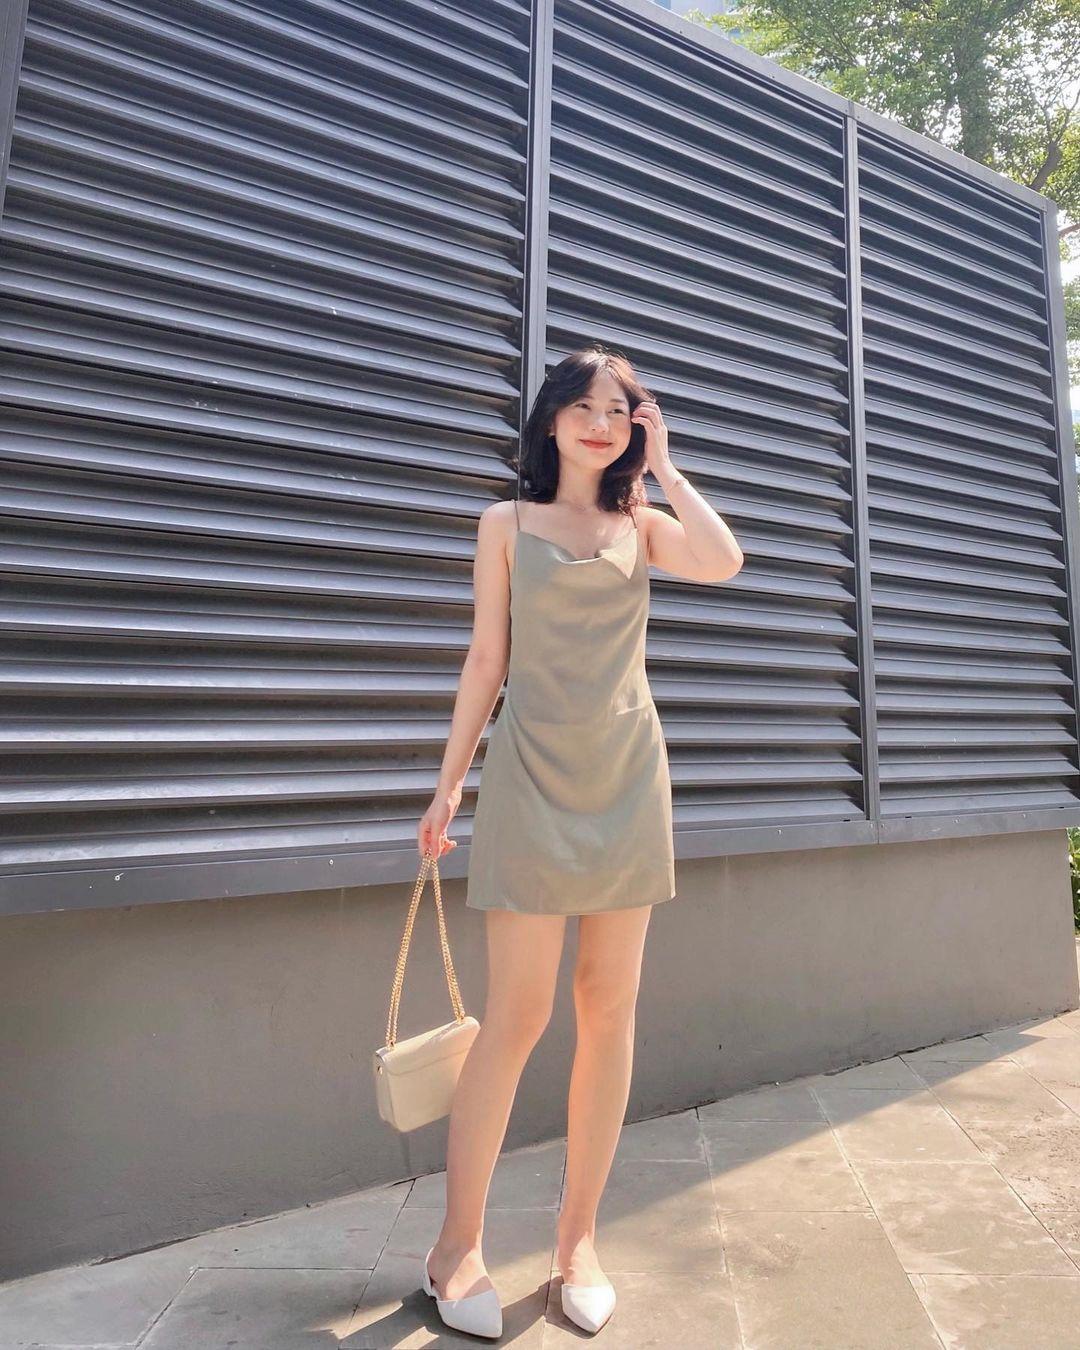 """Các shop đã về bao nhiêu váy hai dây xinh quá trời quá đất, giá chỉ từ 200k mà """"chuẩn đét"""" - Ảnh 7."""